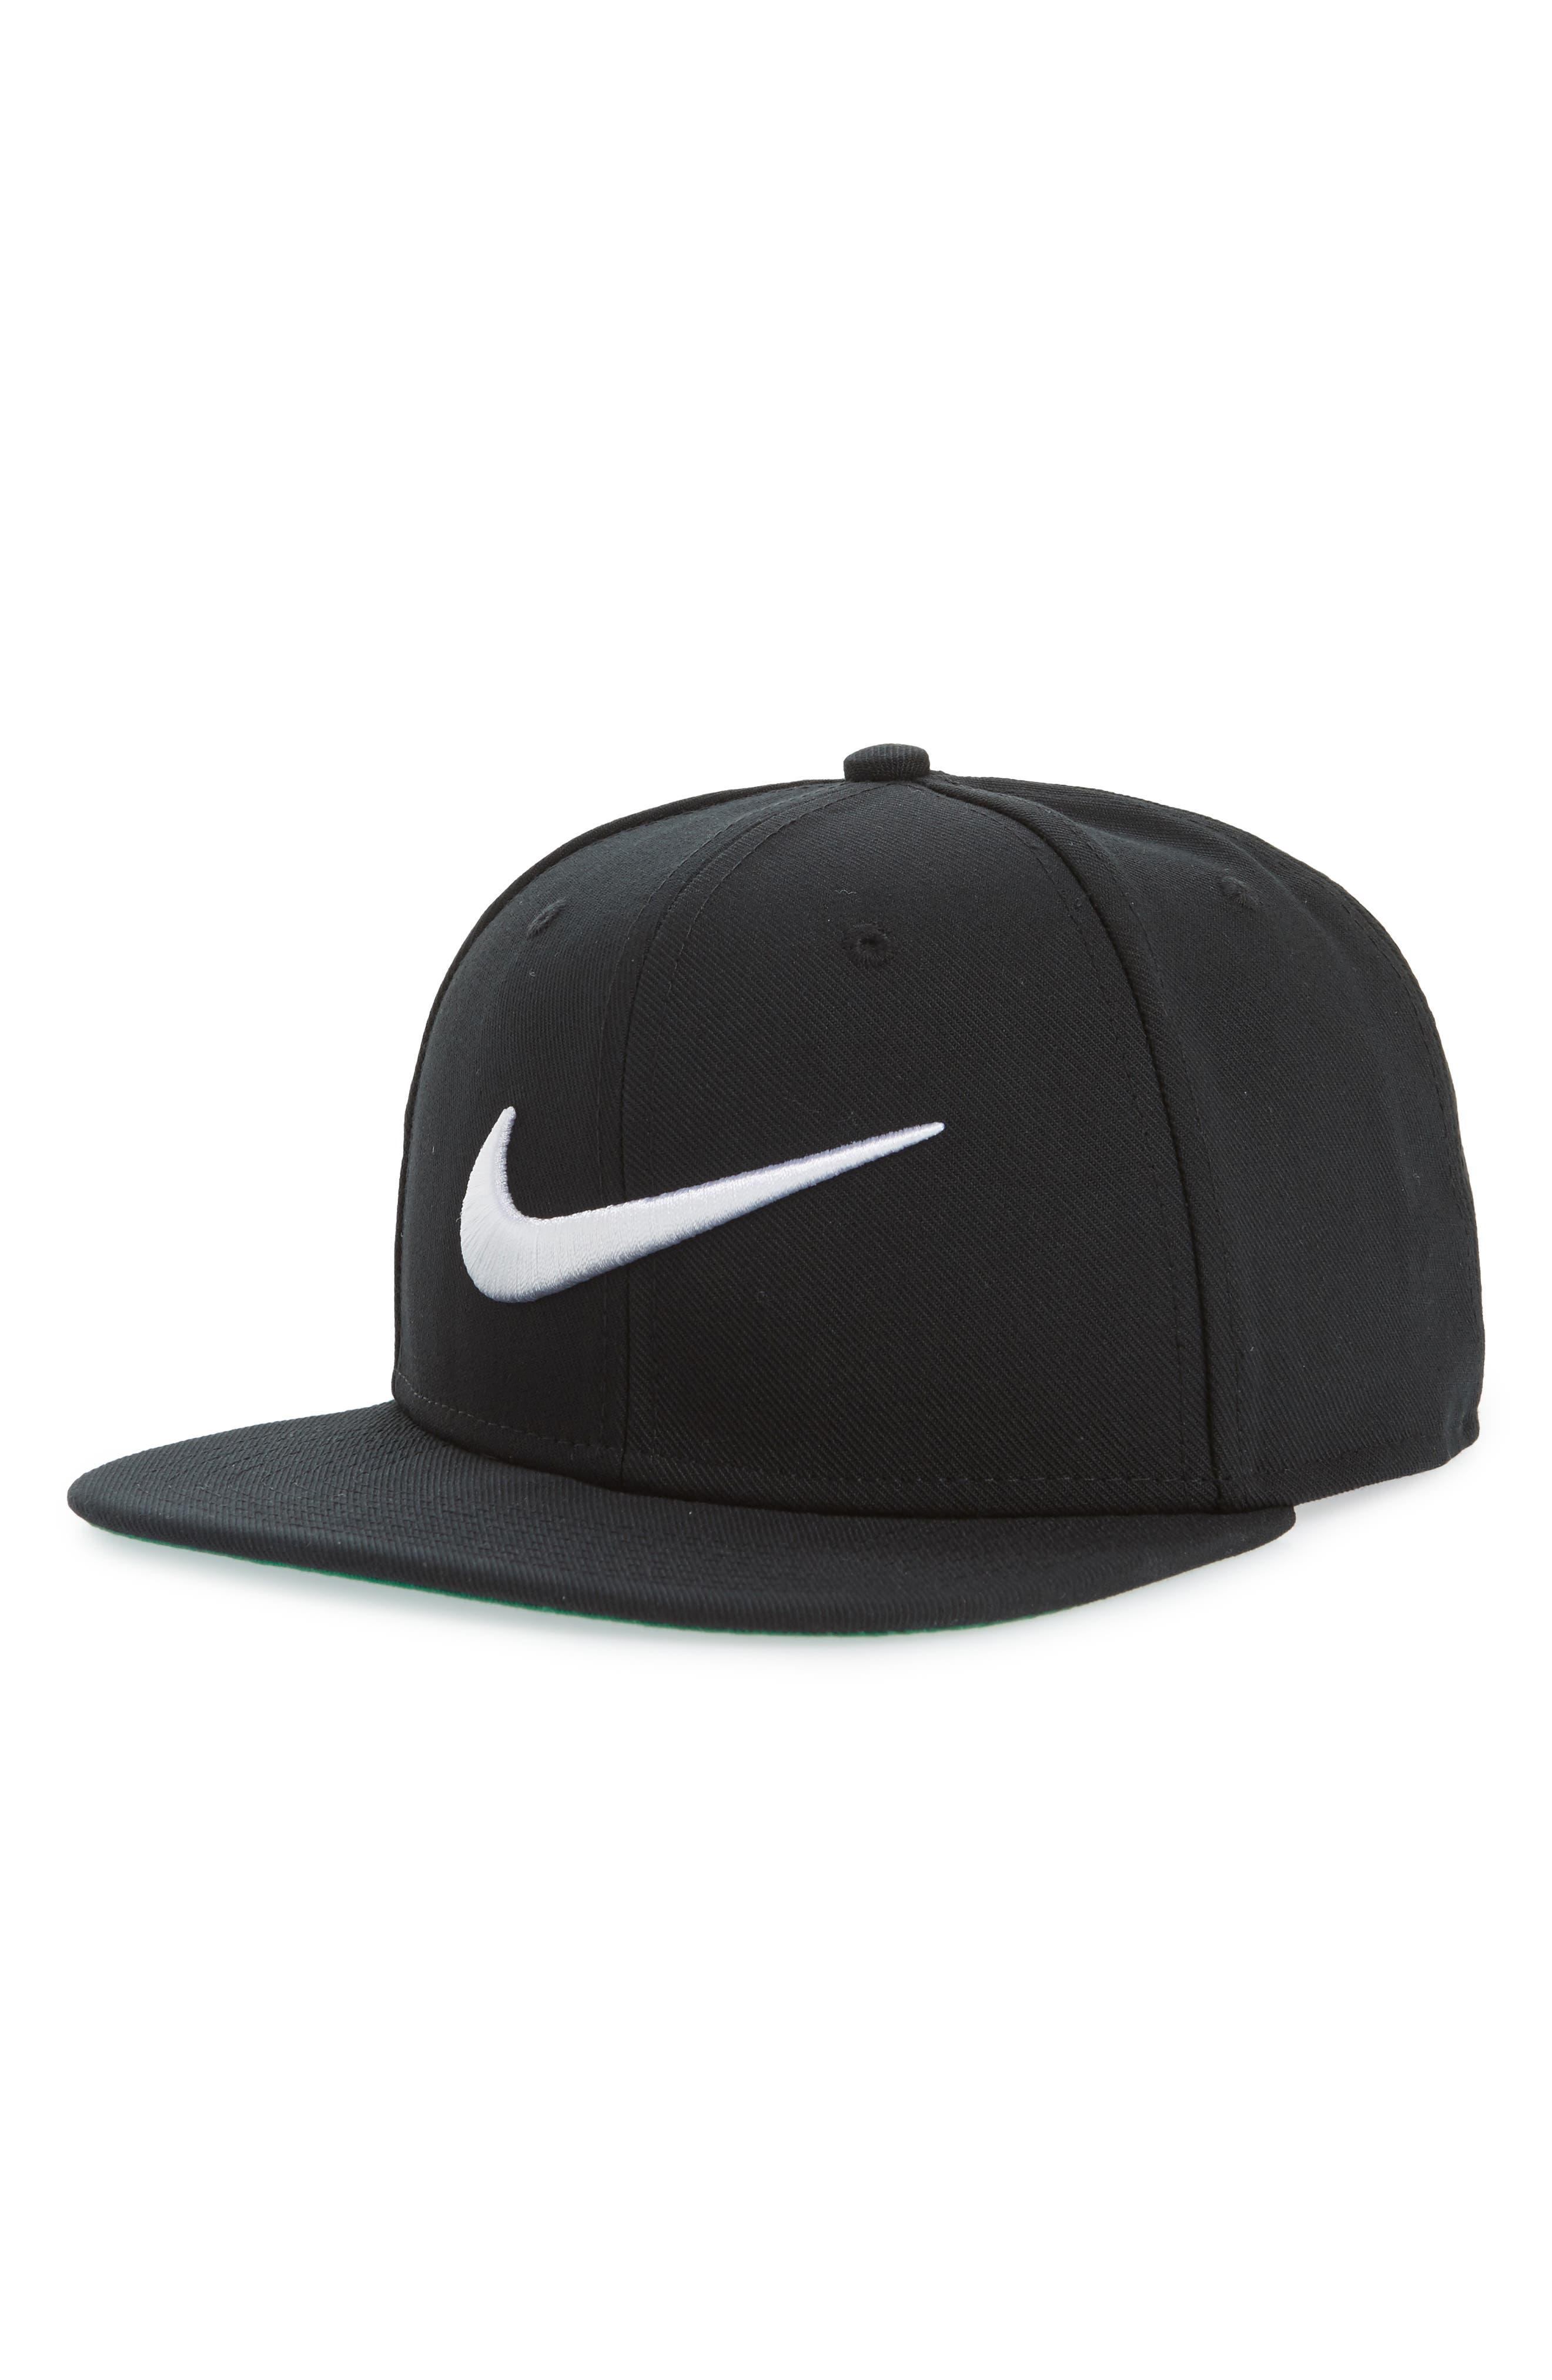 Pro Swoosh Classic Baseball Cap,                             Main thumbnail 1, color,                             Black/ Pine Green/ Blck/ White